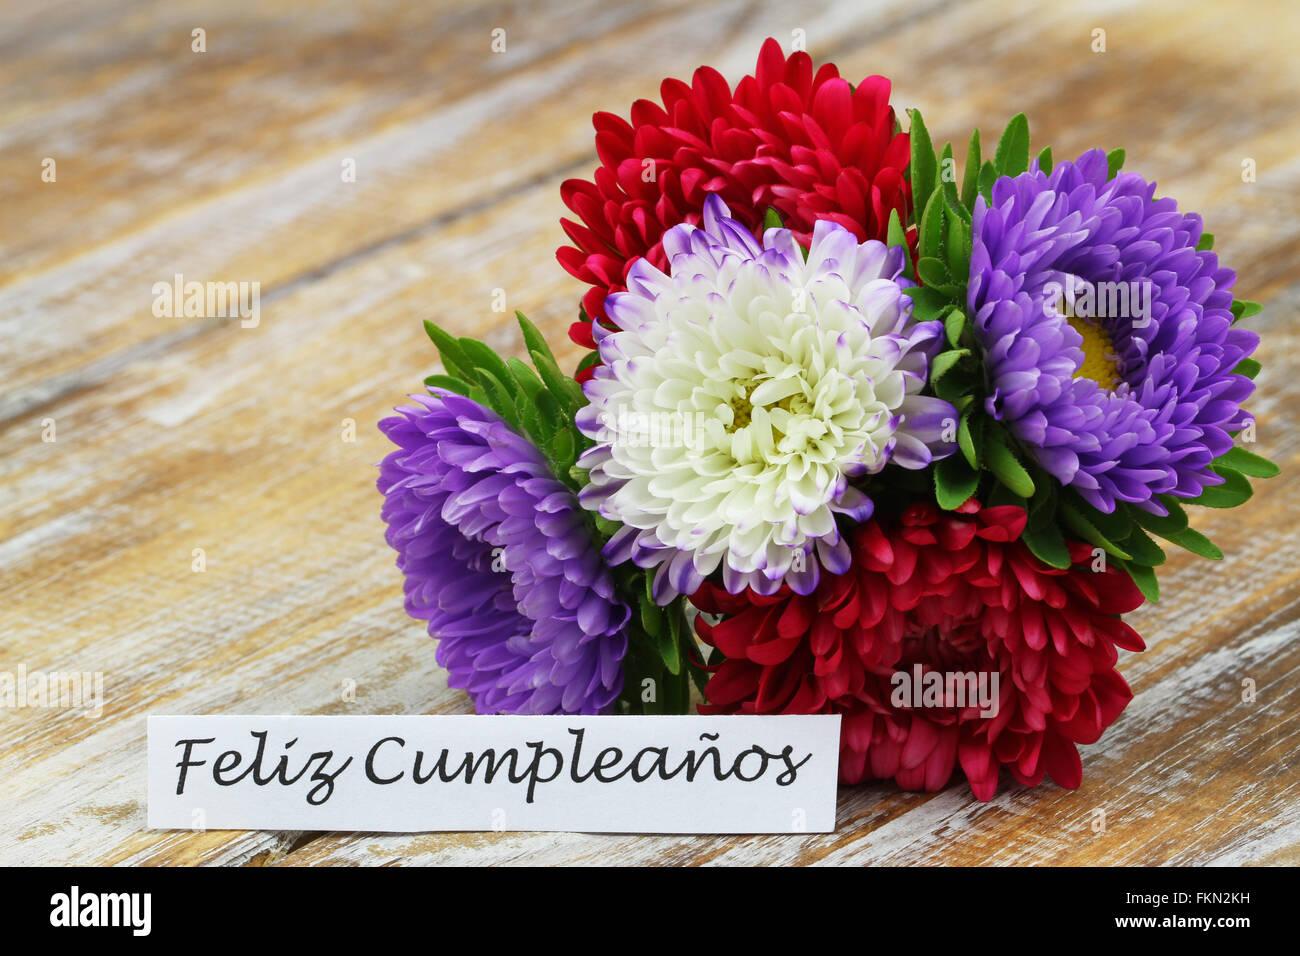 Mazzo Di Fiori In Spagnolo.Feliz Cumpleanos Buon Compleanno In Spagnolo Con Colorati Aster